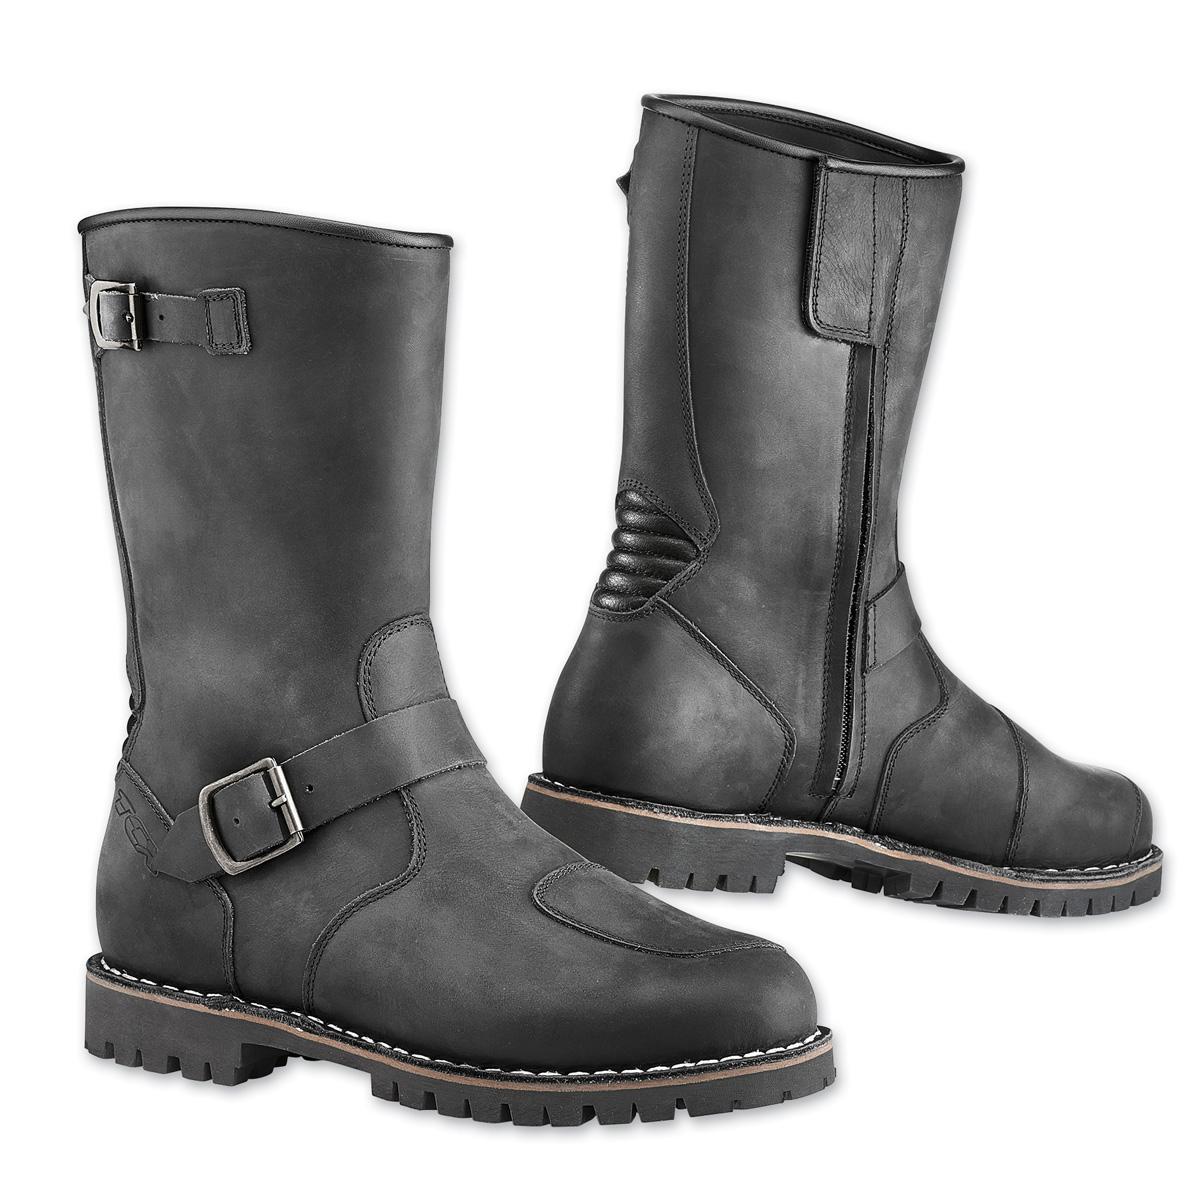 TCX Men's Fuel Waterproof Vintage Black Boots